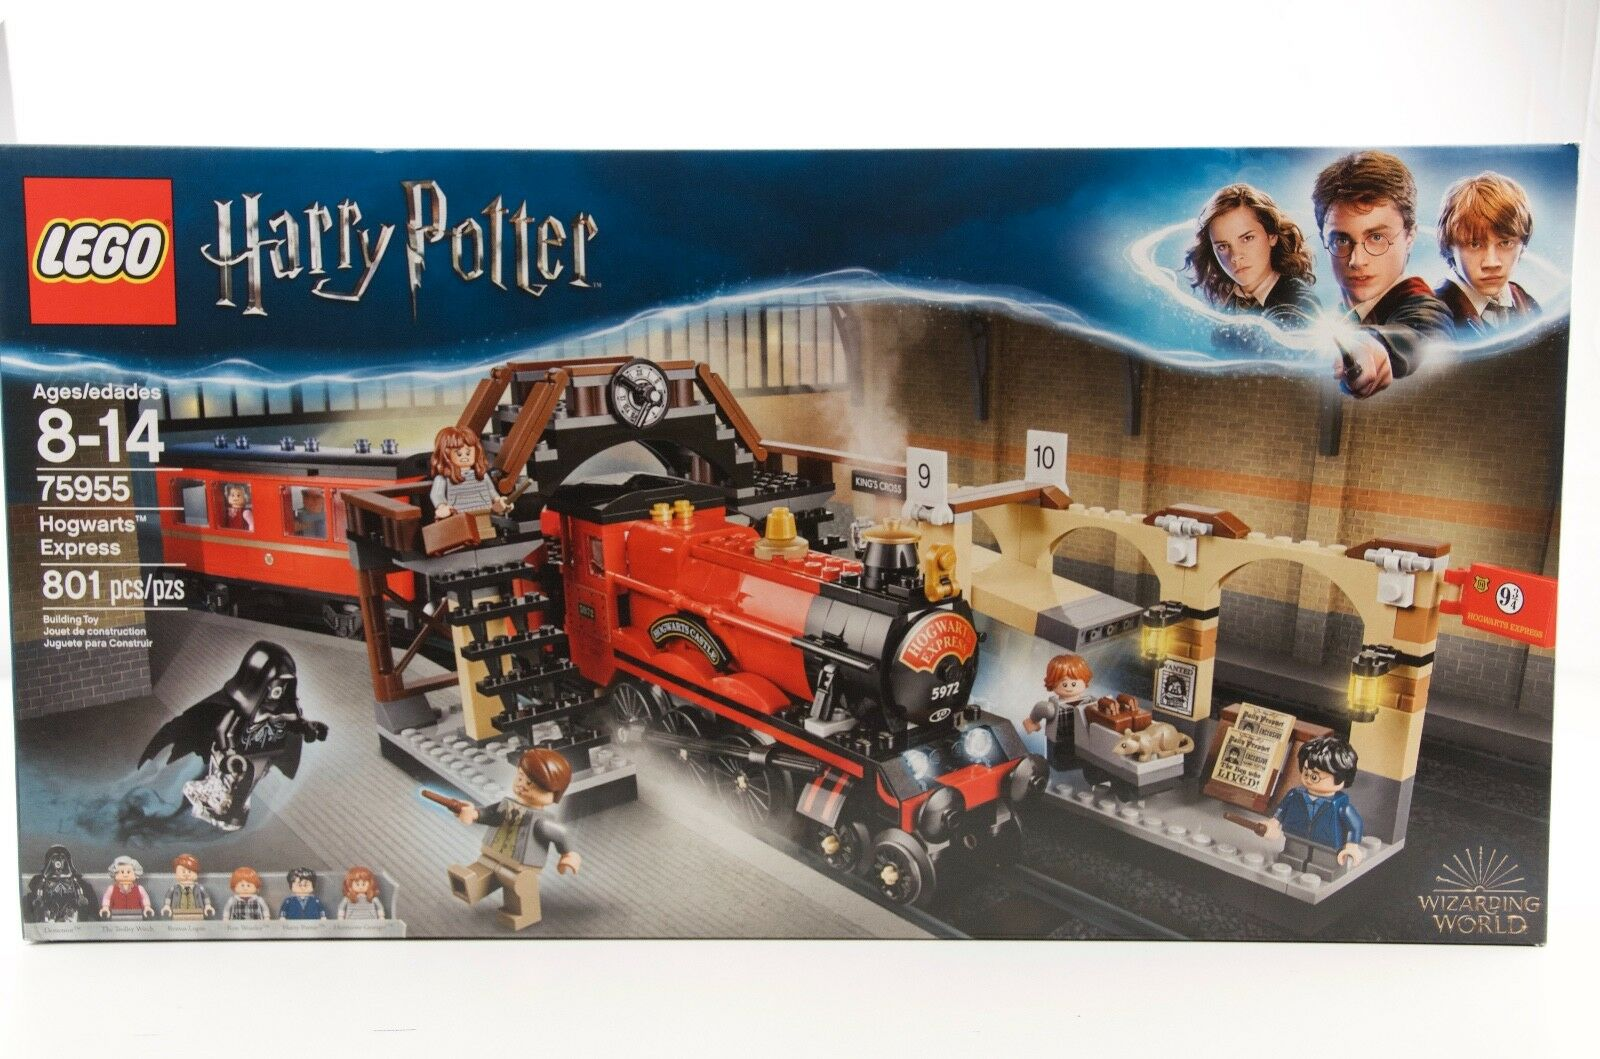 Lego, HARRY POTTER, 75955, Hogwart's Express, 801 PCS, Ages  8 & Up, NIB  nuovo stile